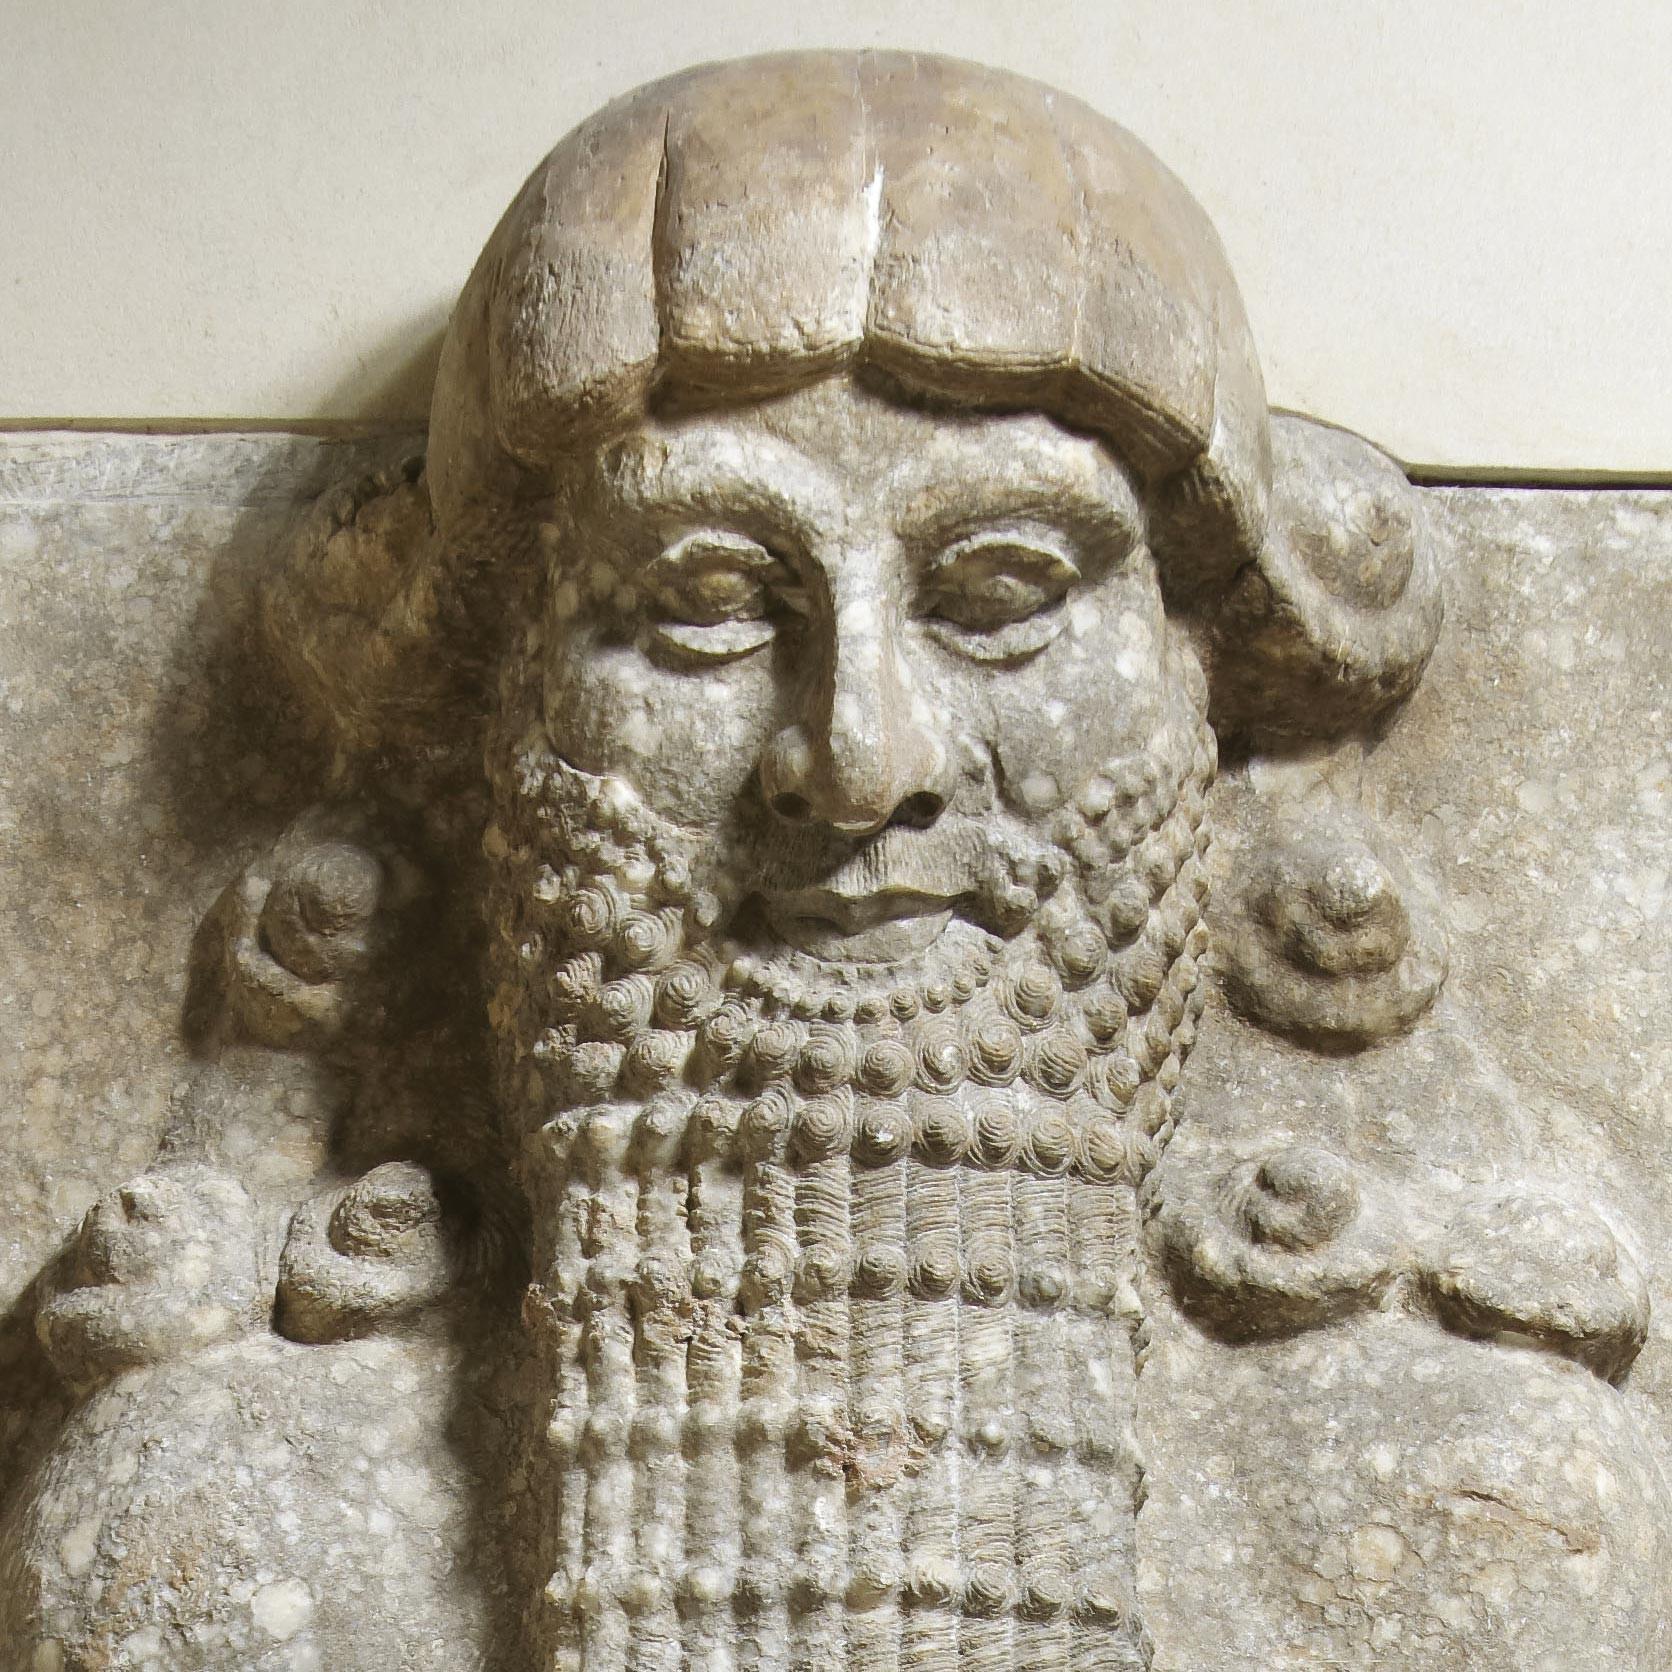 Gilgamesh (personnage légendaire)